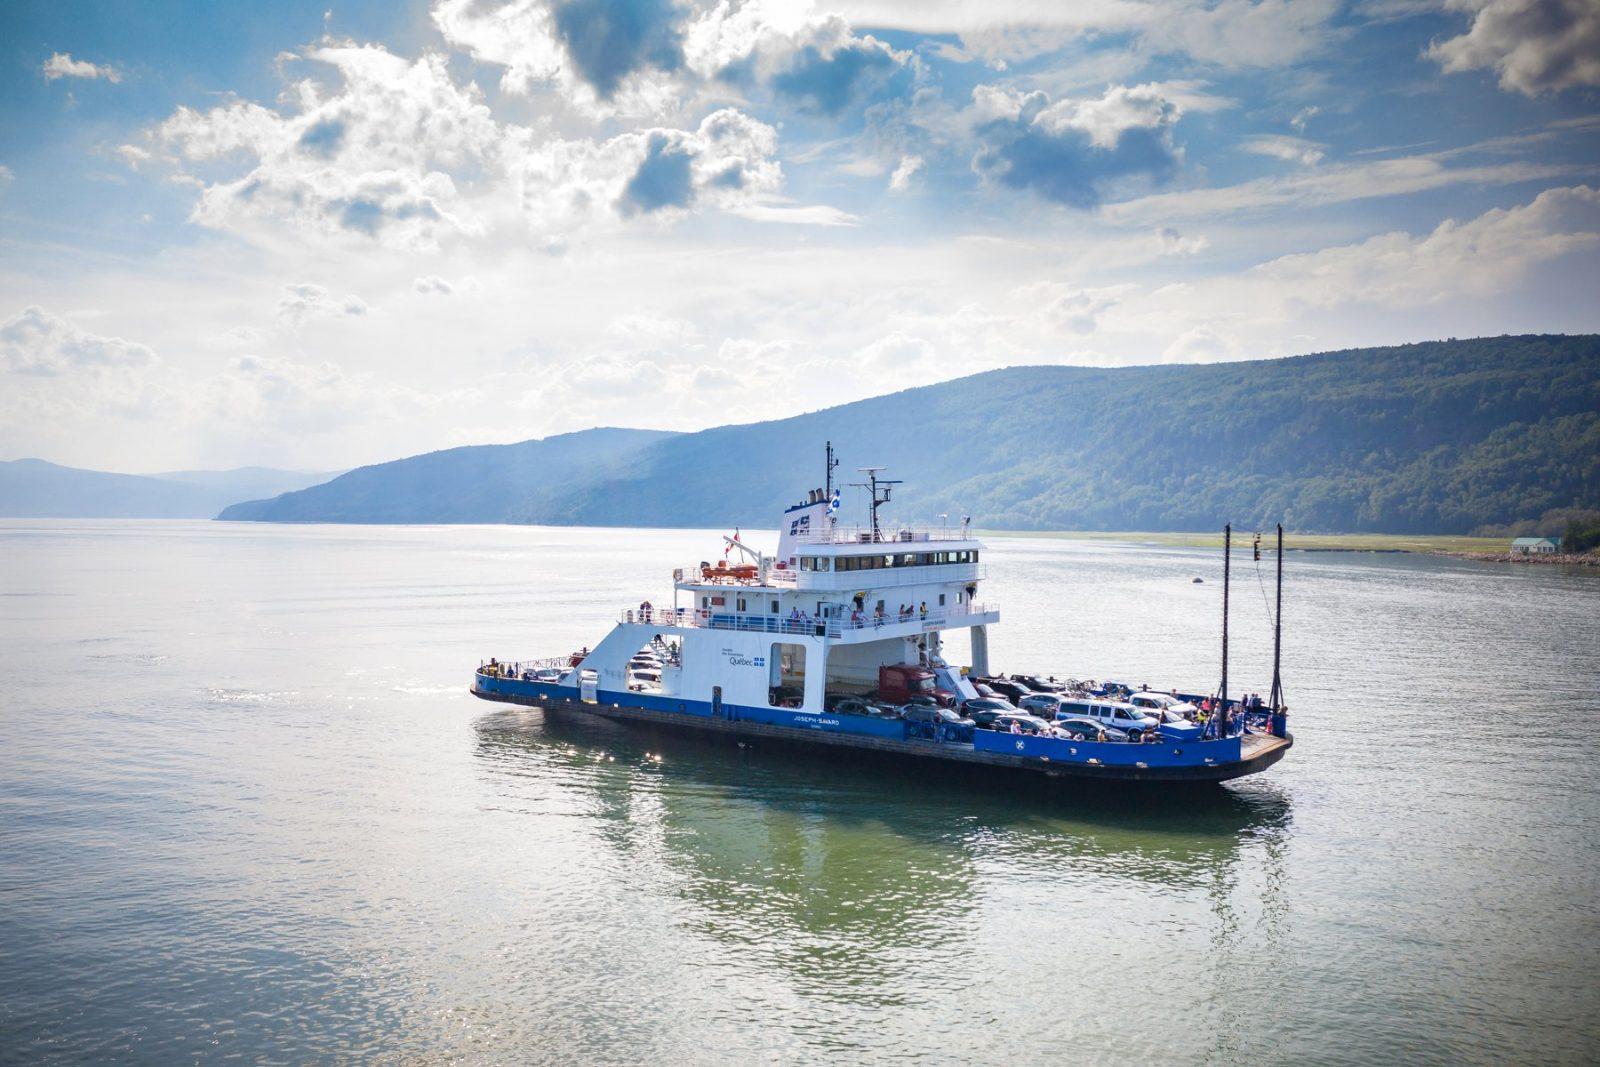 Les traversées sont annulées à L'Isle-aux-Coudres